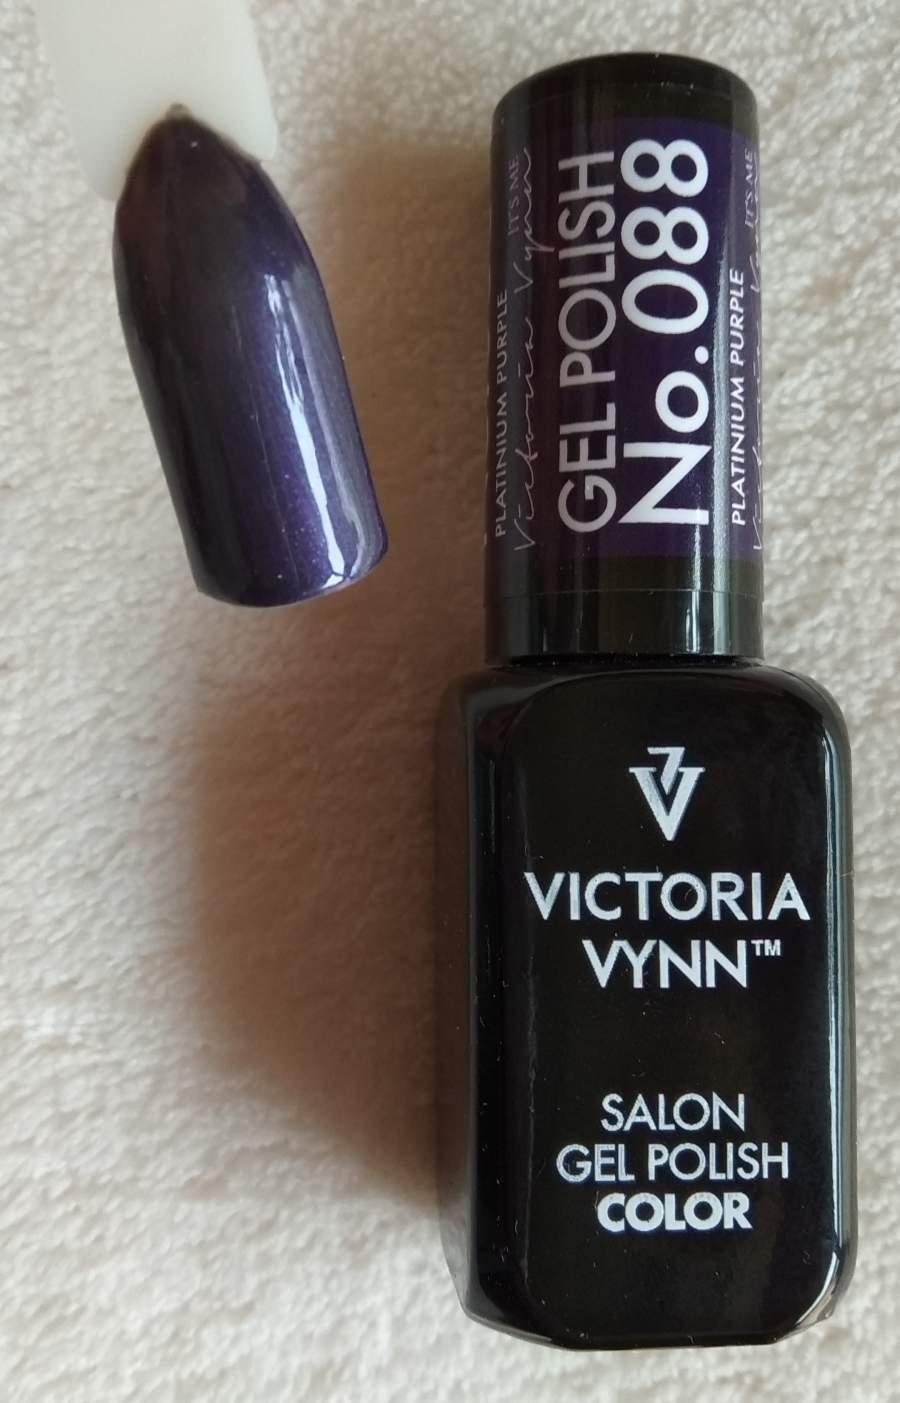 Victoria Vynn Verniz Gel Nº 088 - Platinum Purple - 8 ml